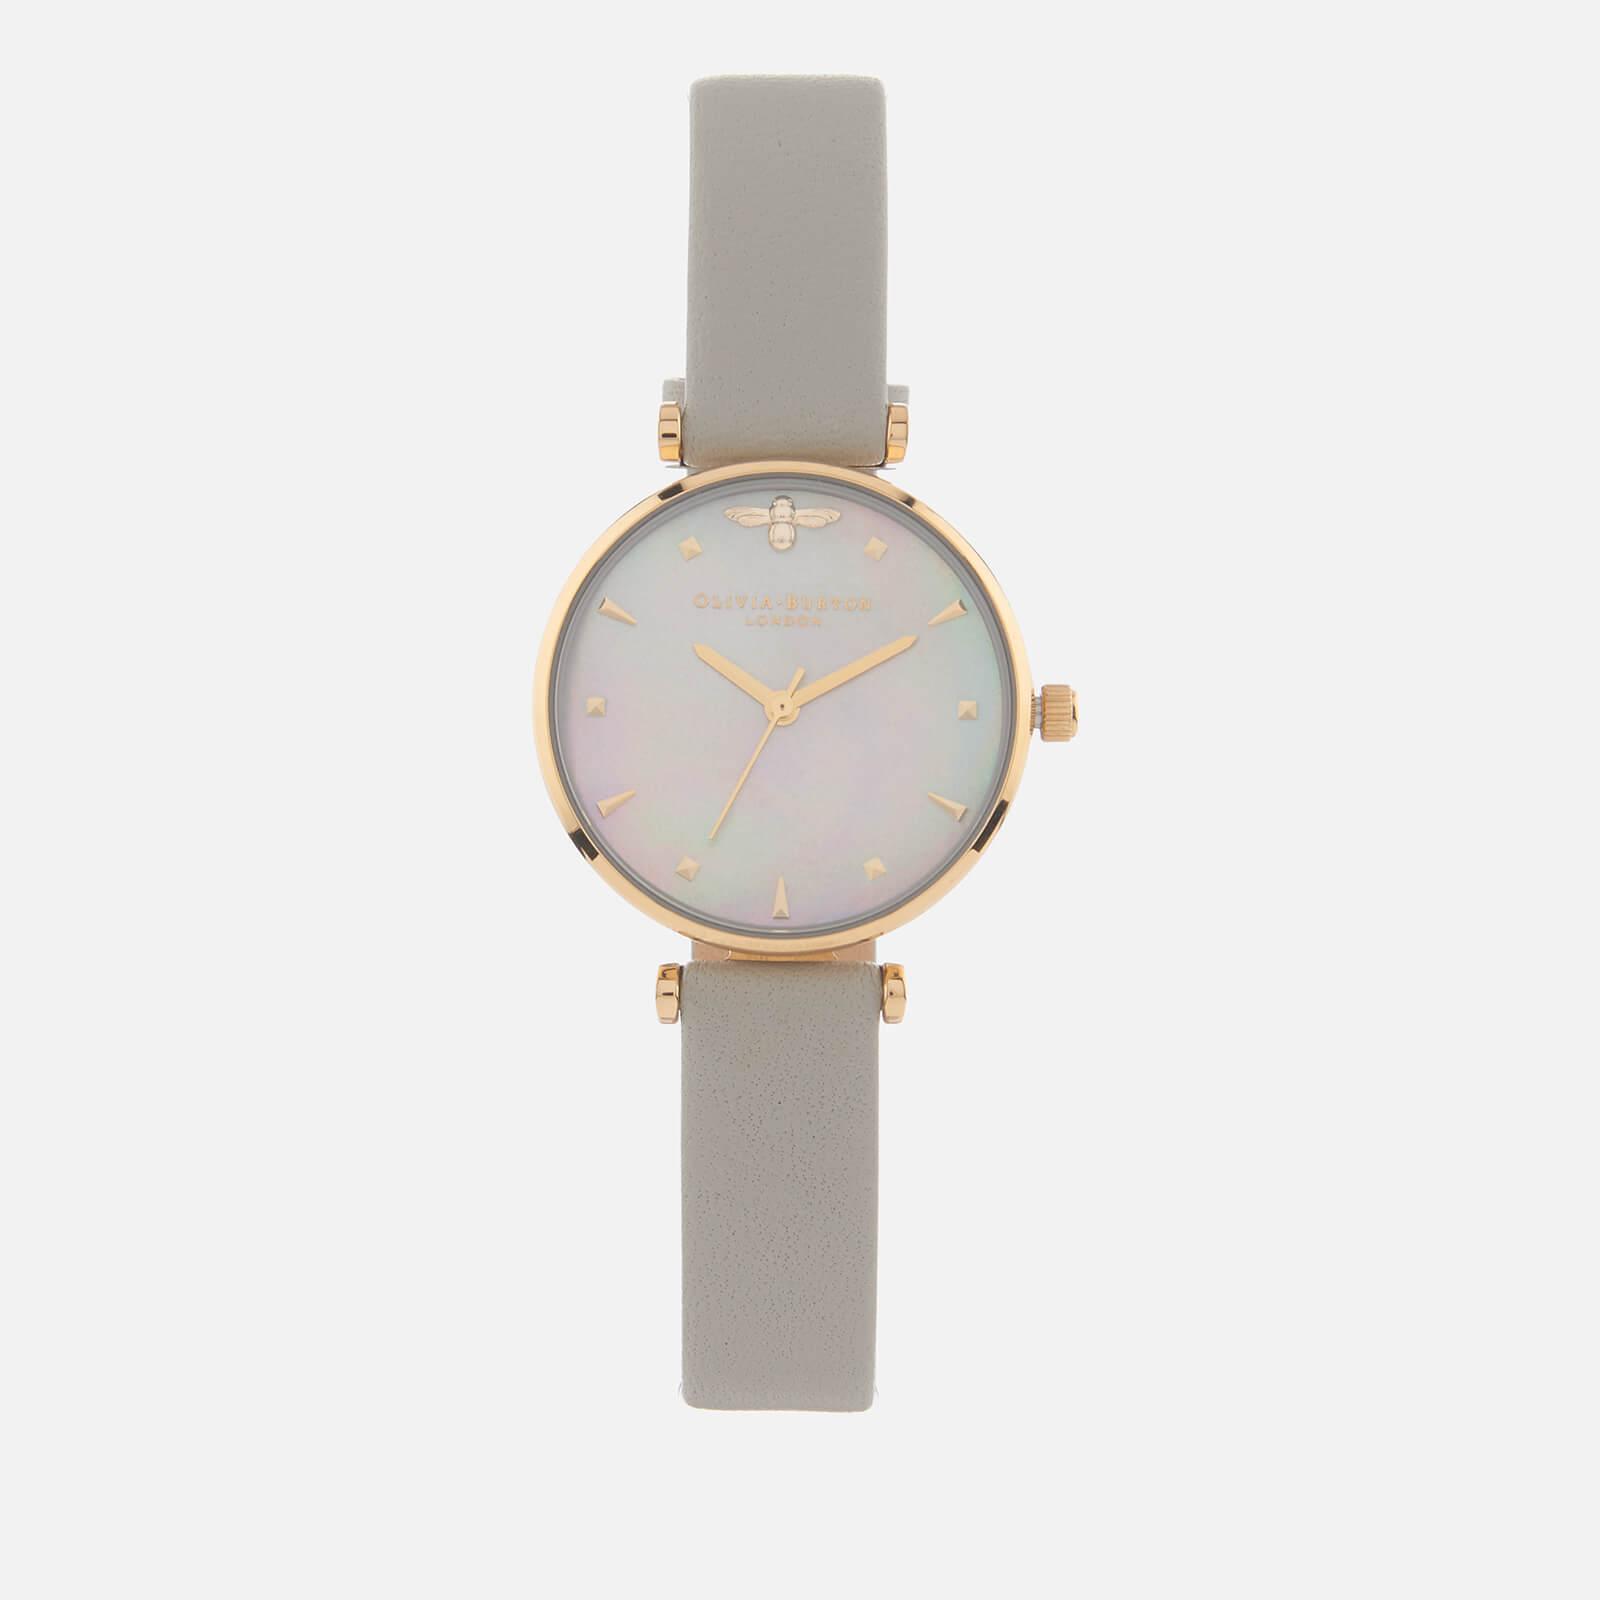 Olivia Burton Women's Queen Bee Marble Watch - Pale Green